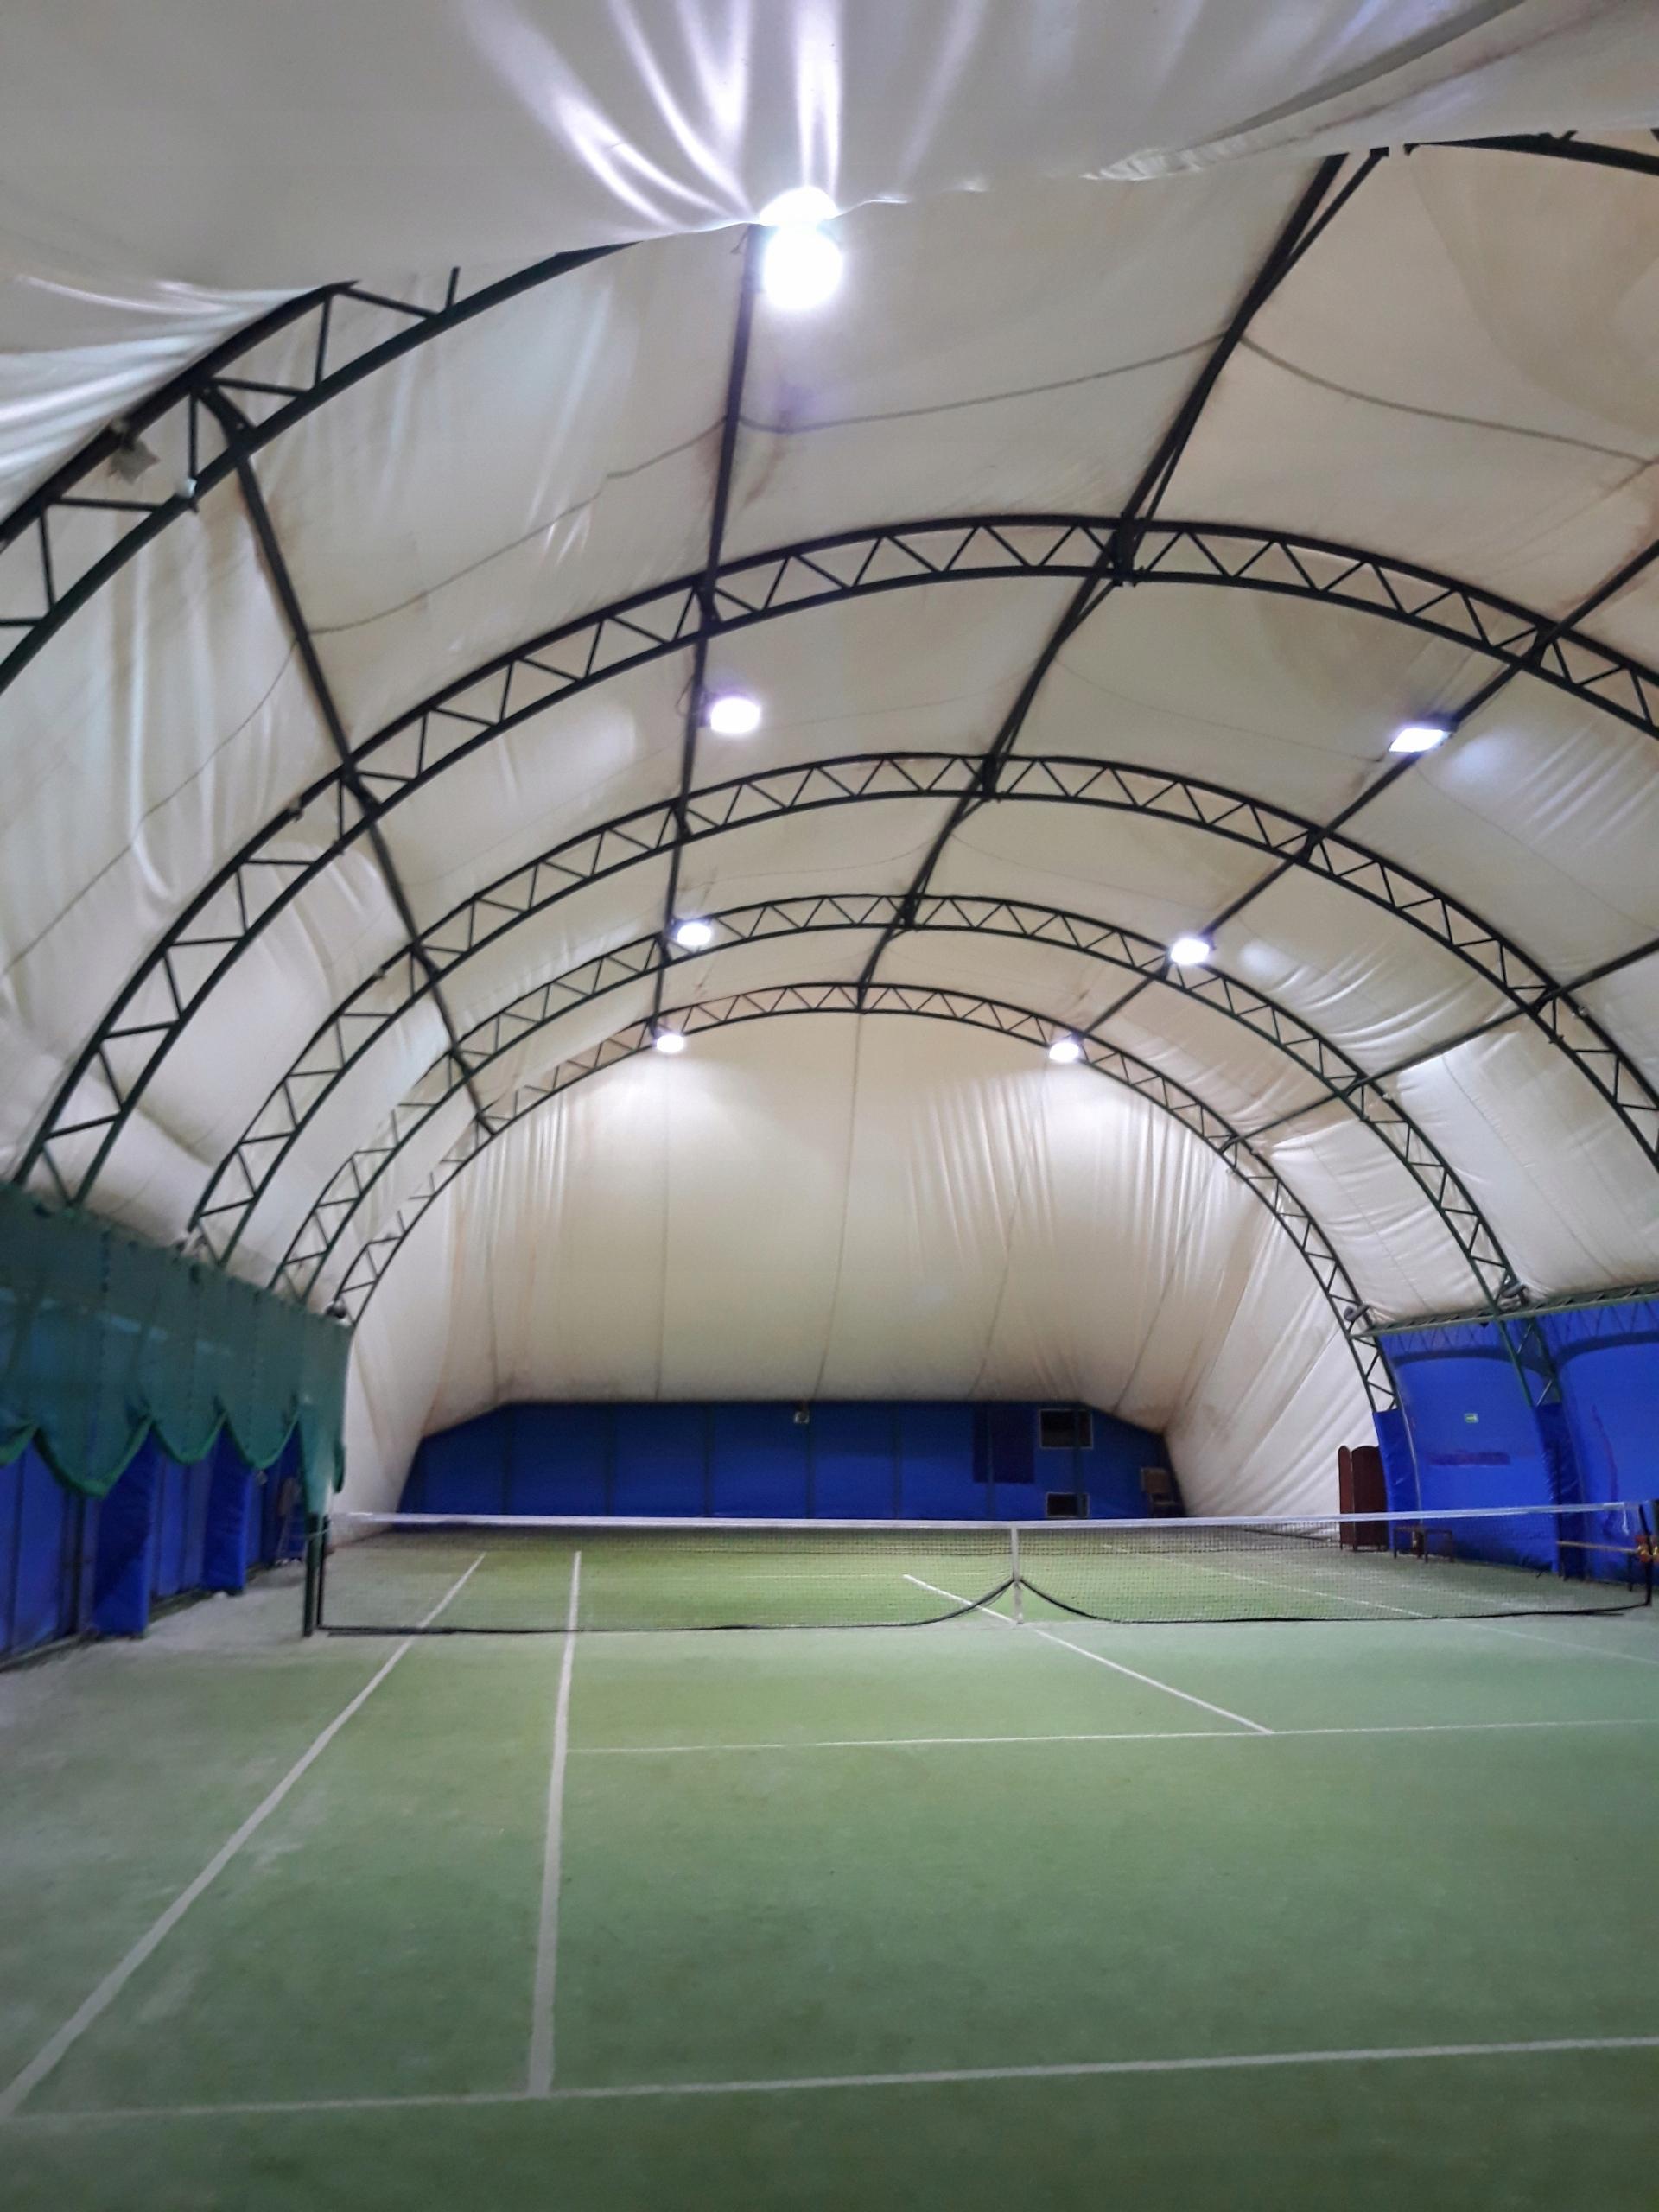 Genialny Sprzedam hale tenisowa - OKAZJA - 7592139783 - oficjalne archiwum MV33